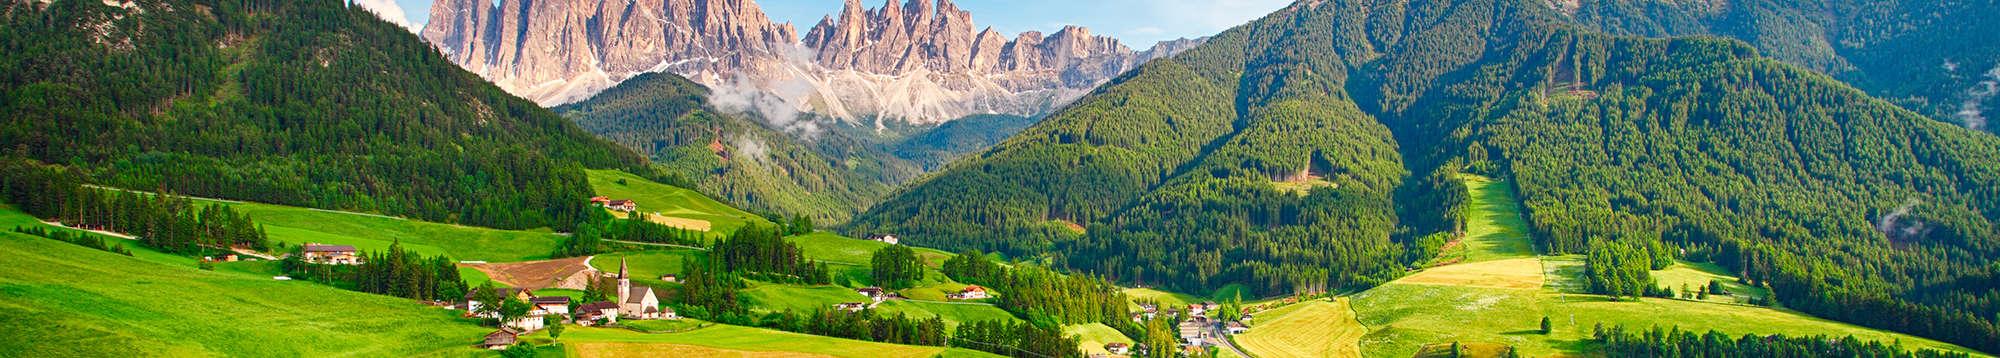 Week end e soggiorni nelle Dolomiti